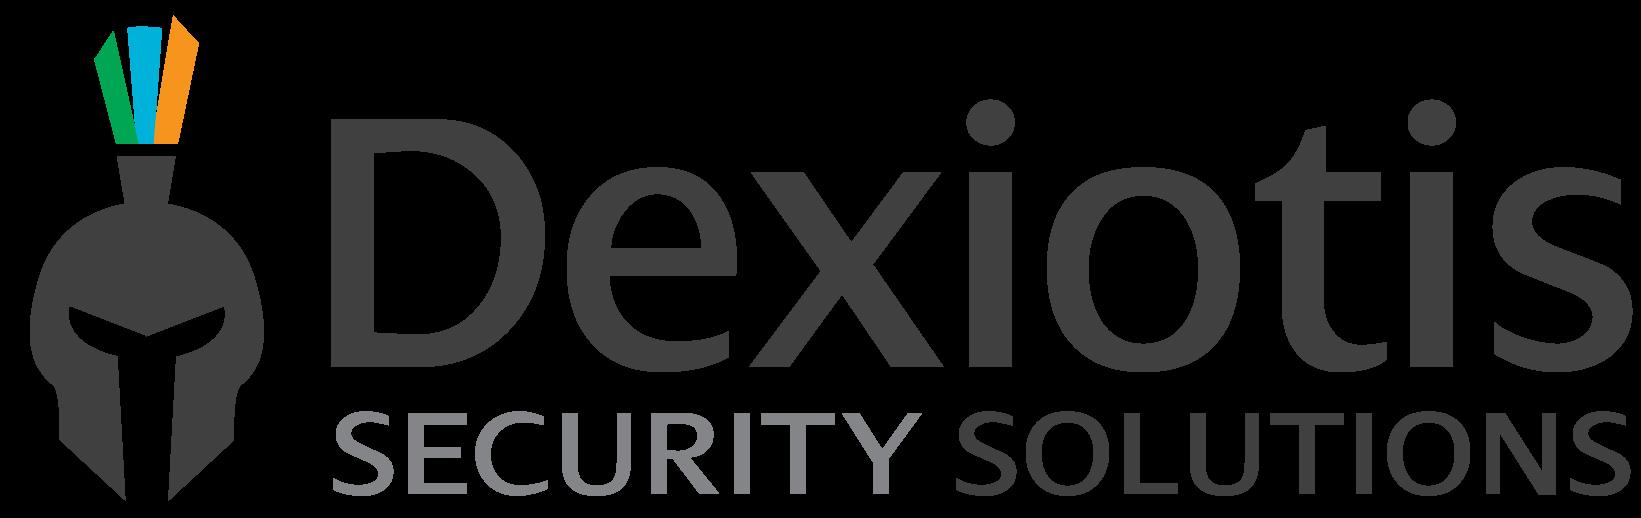 Dexiotis Security Solutions